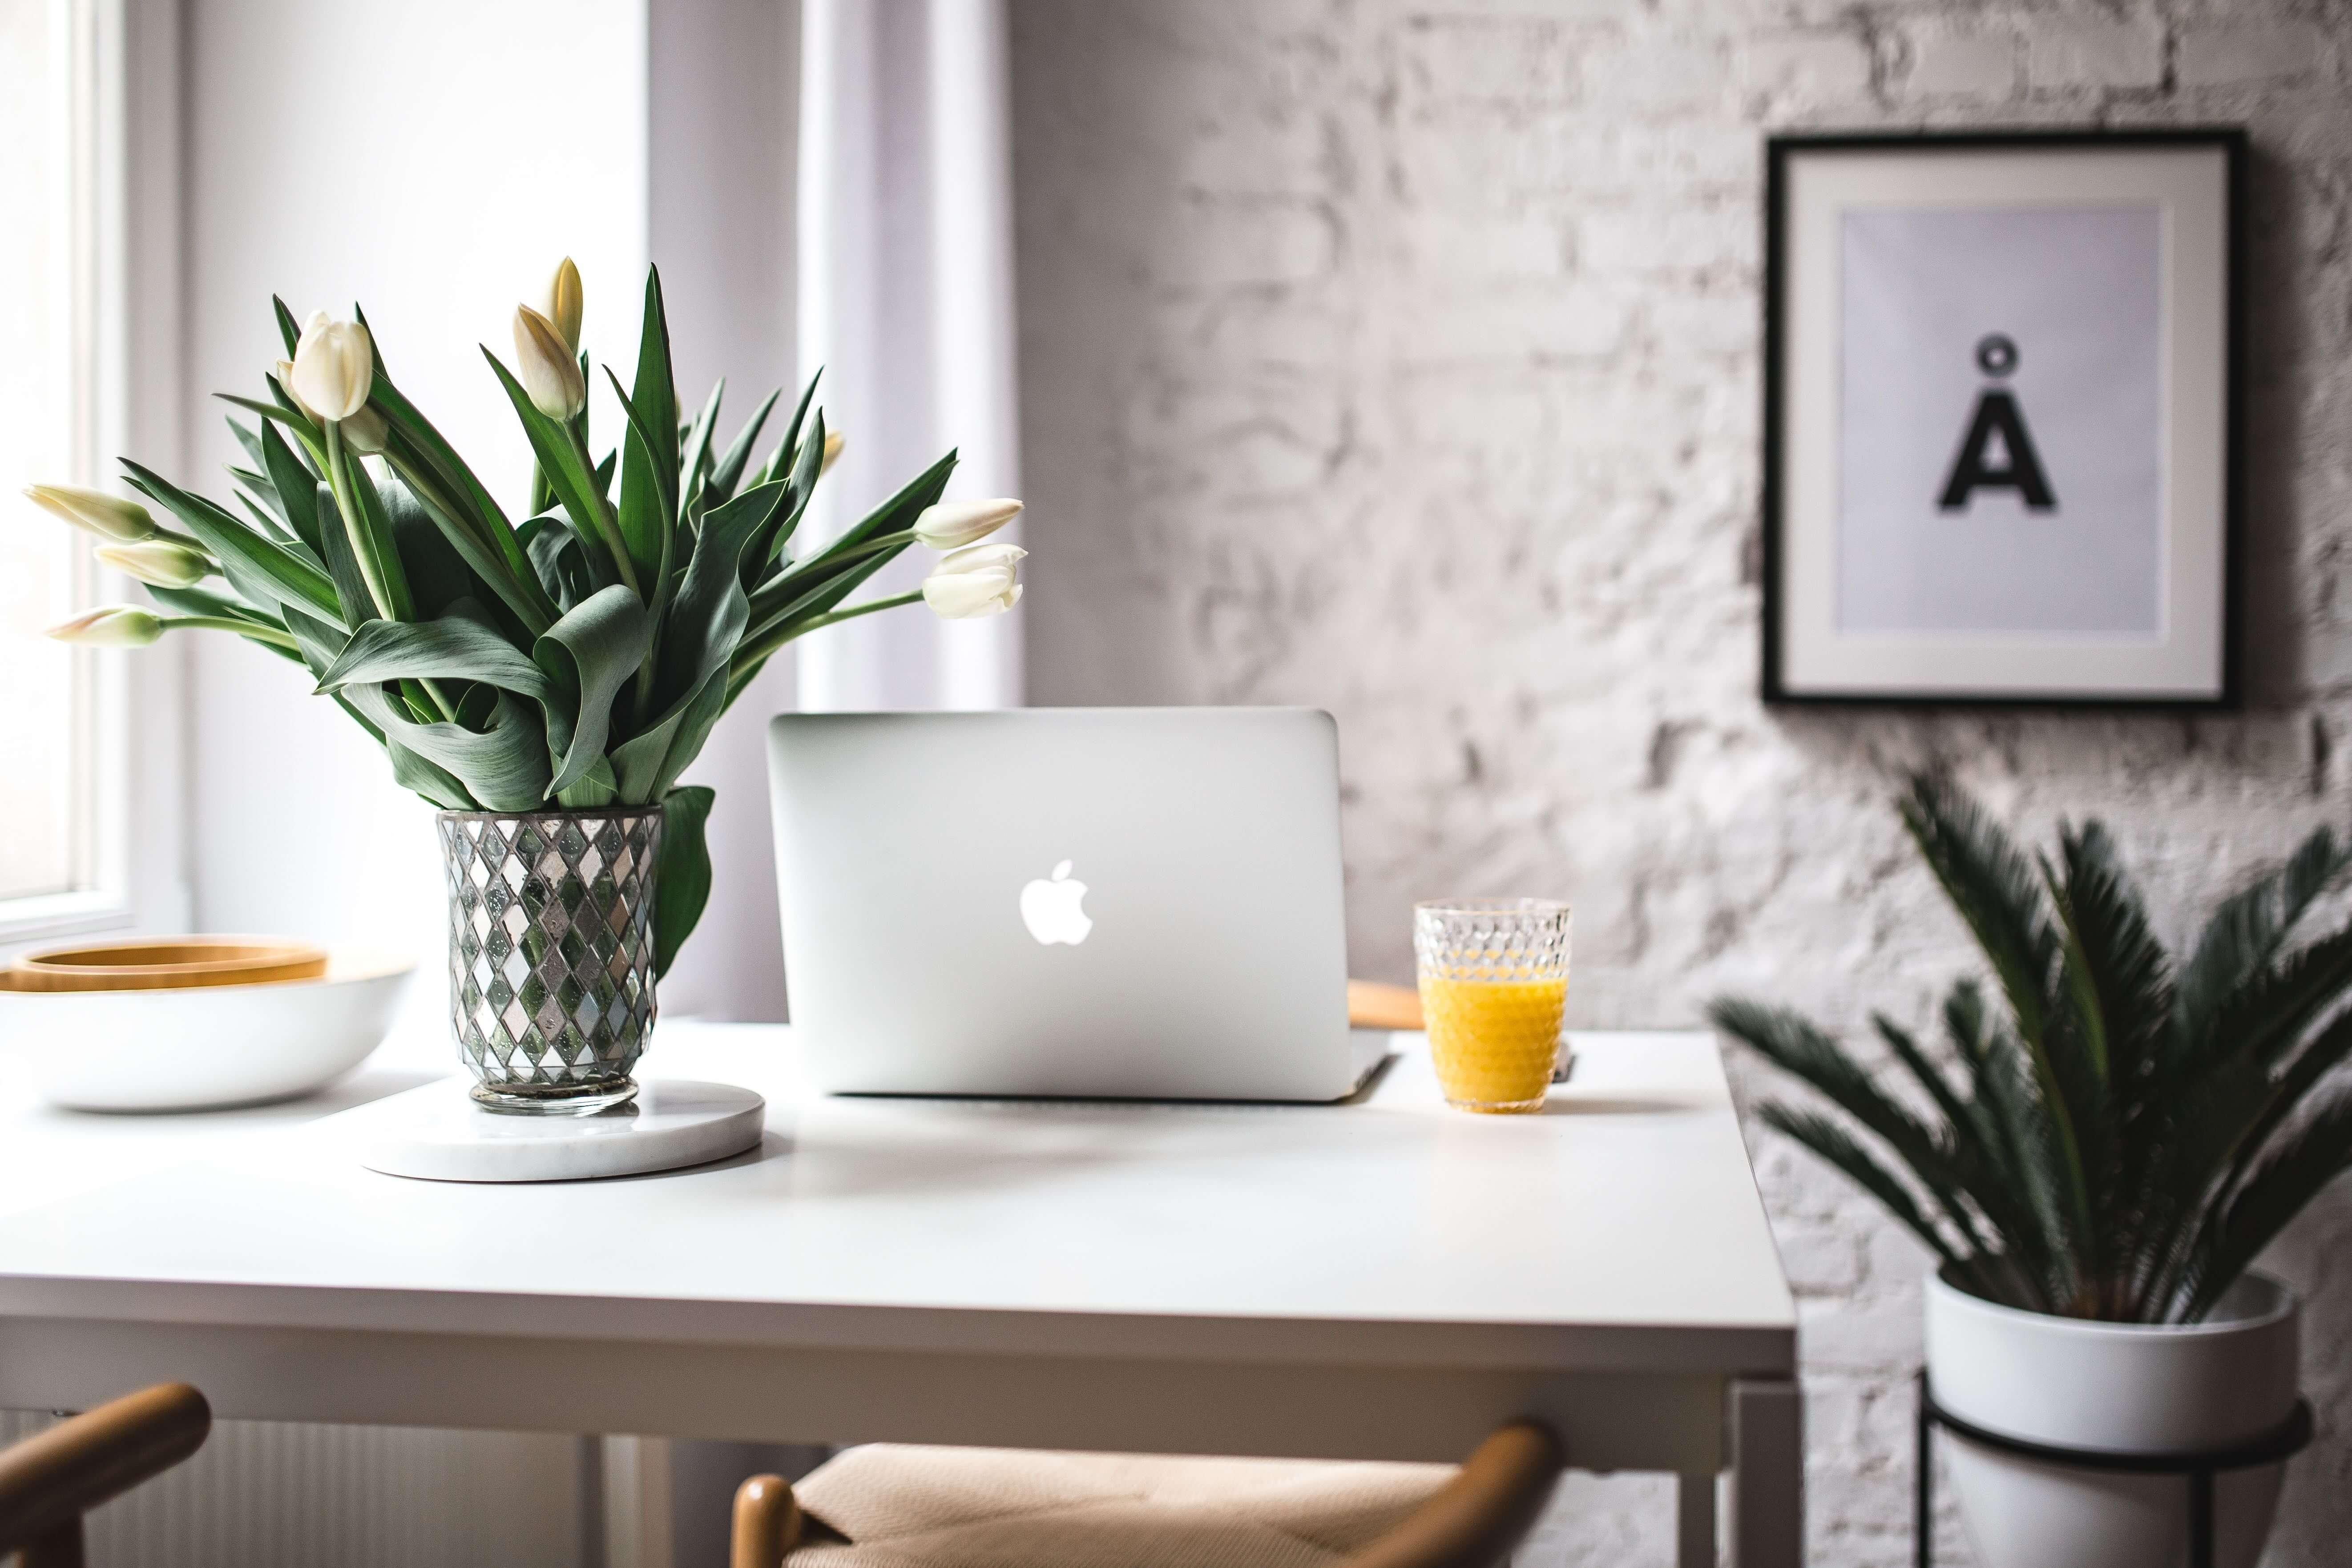 辦公桌,電腦,橙汁,植物,墻畫